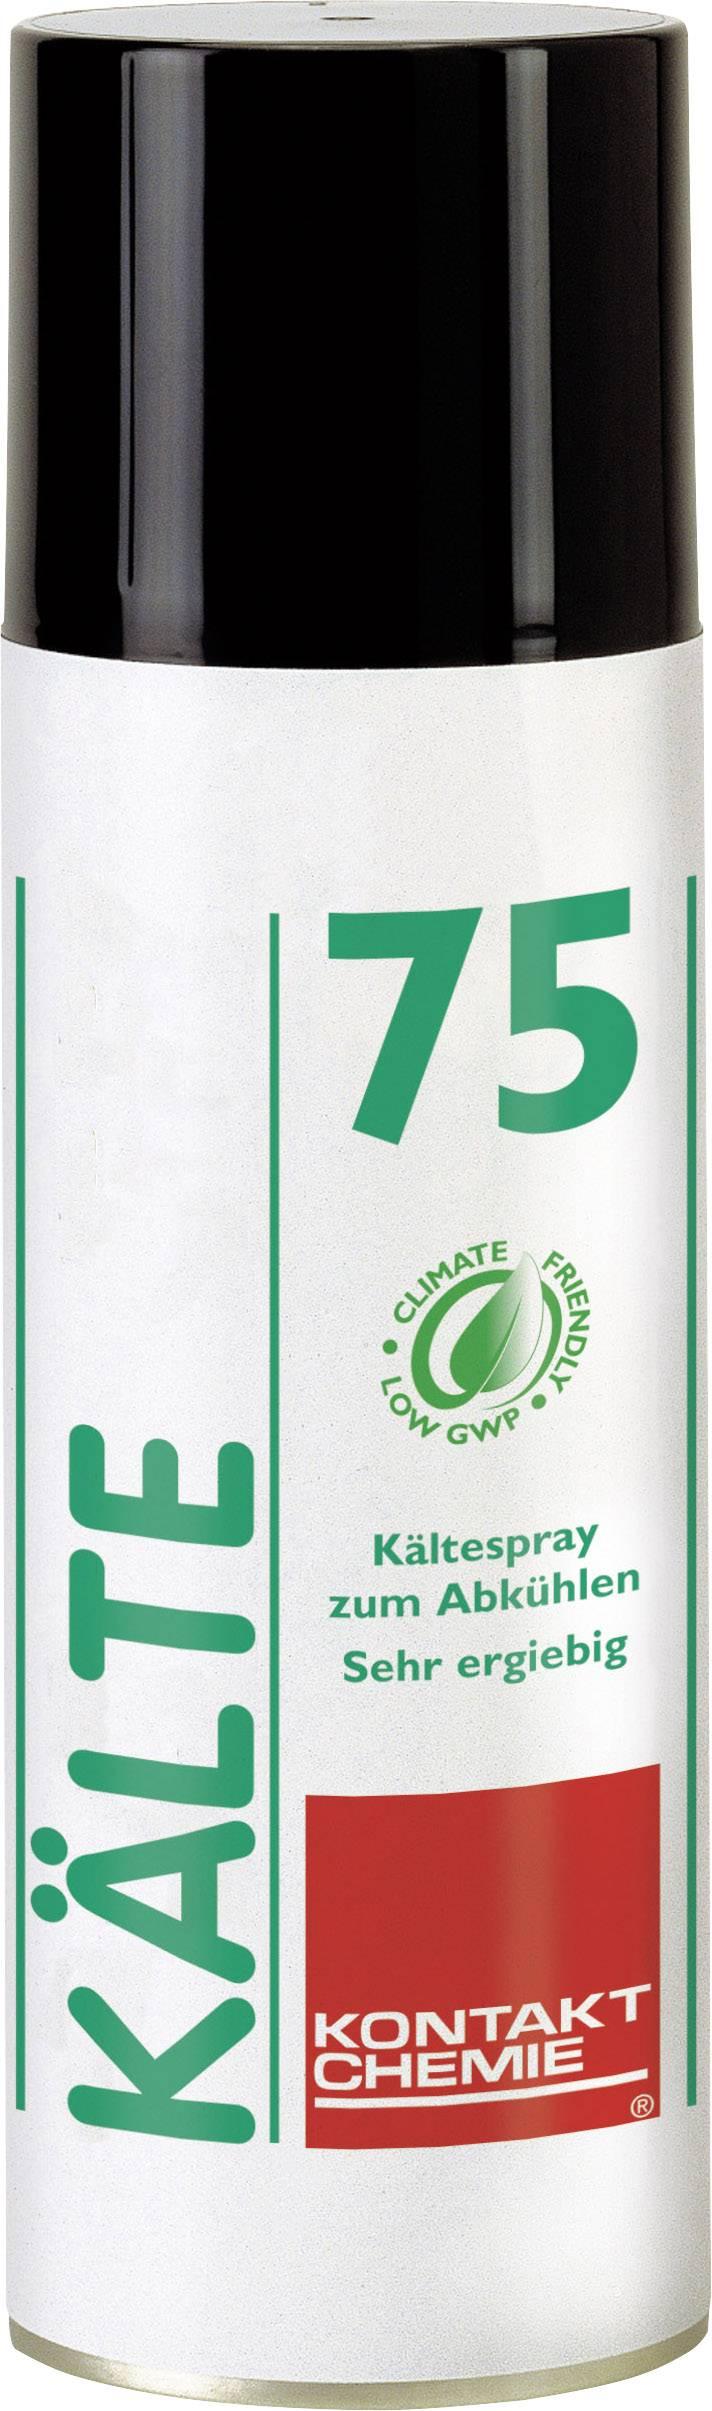 Chladicí sprej CRC Kontakt Chemie, 84409-AF, 200 ml, nehořlavý